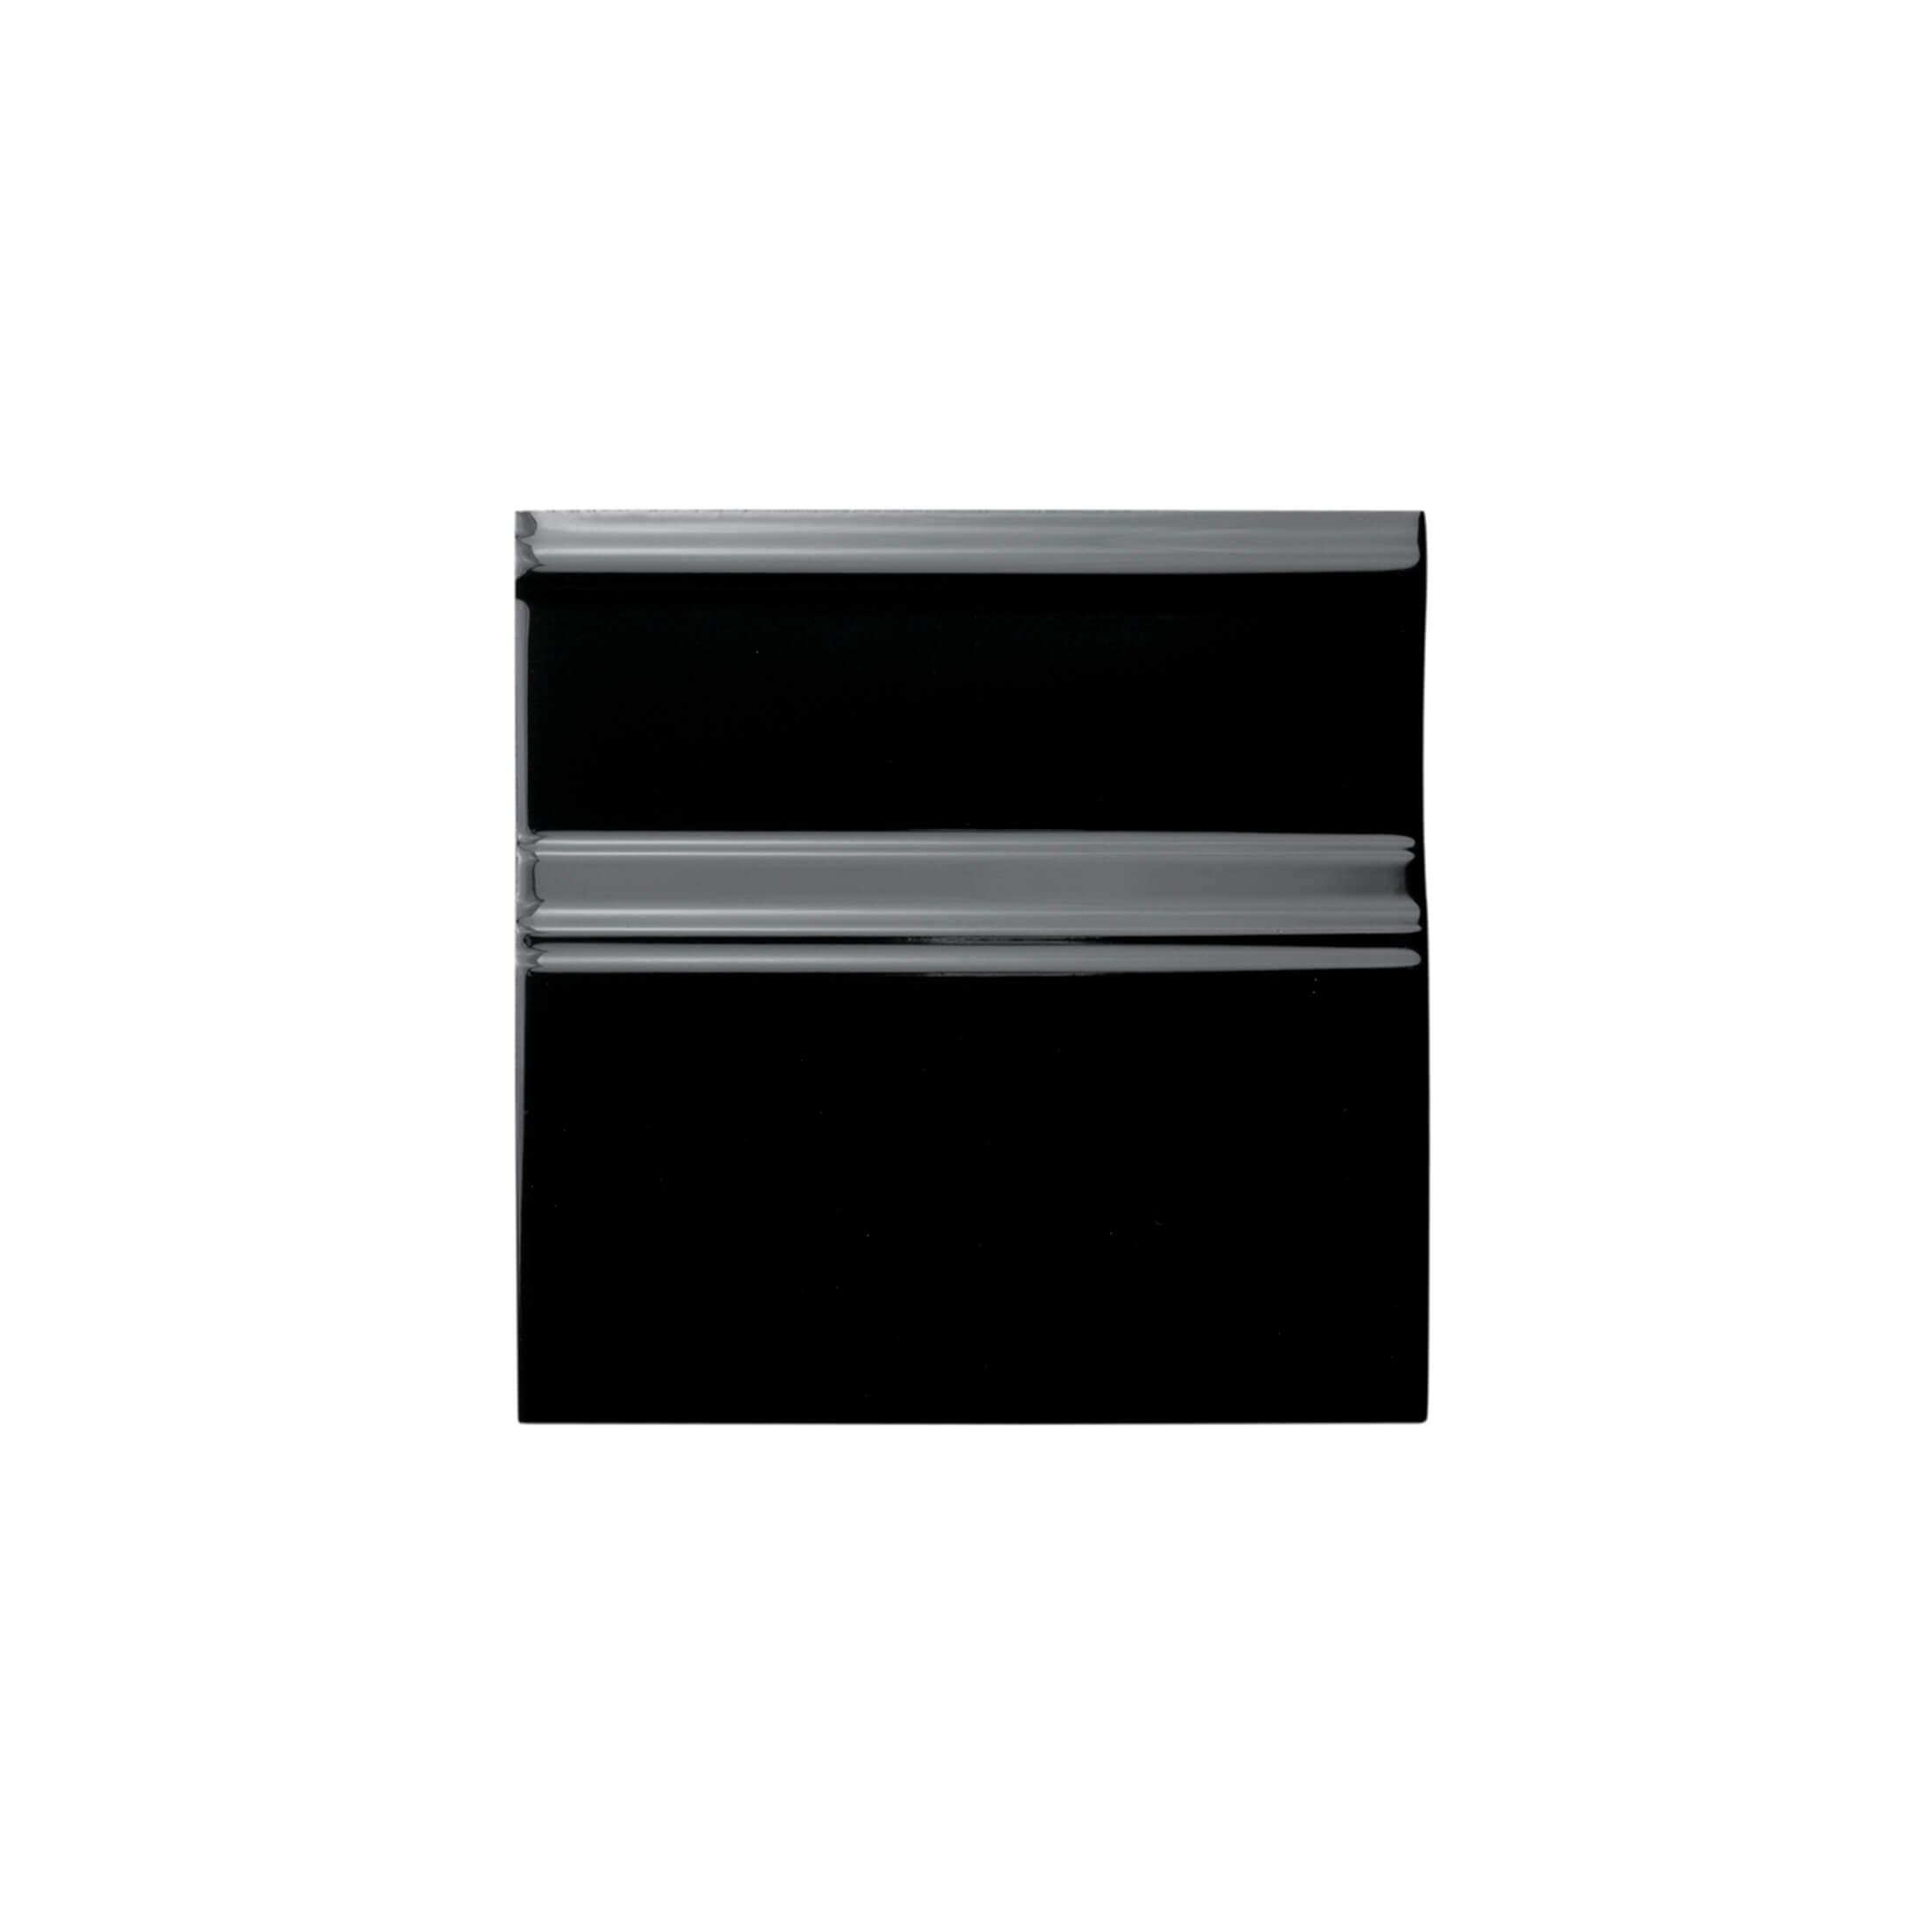 ADNE5438 - RODAPIE CLASICO - 15 cm X 15 cm